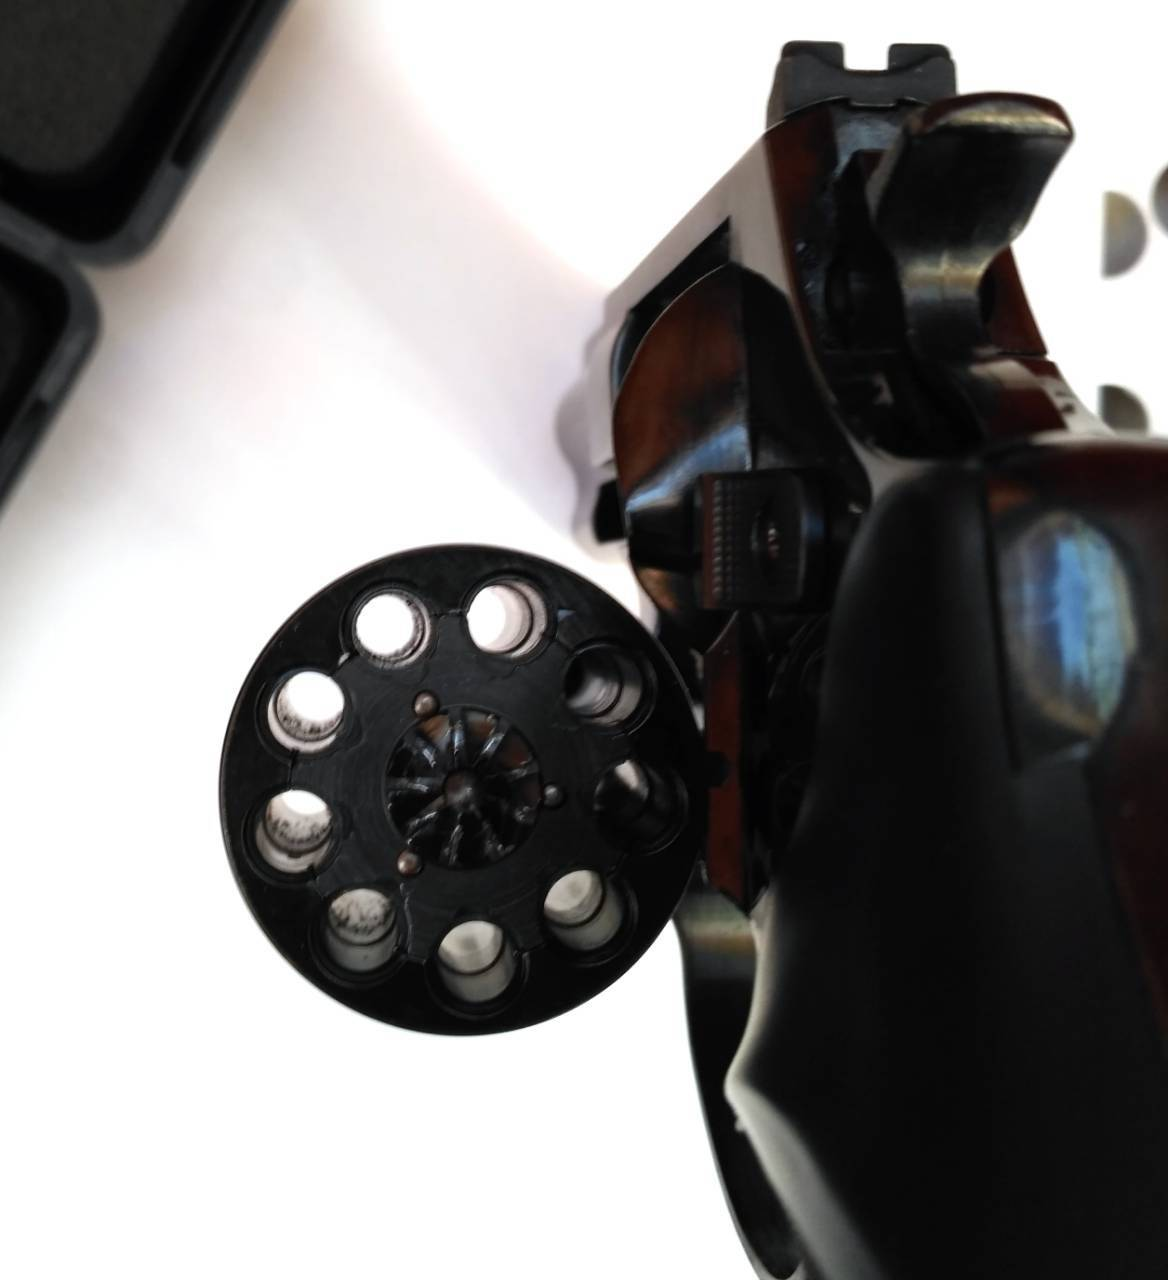 Сигнальные револьверы и пистолеты — эффективное средство звукового оповещения